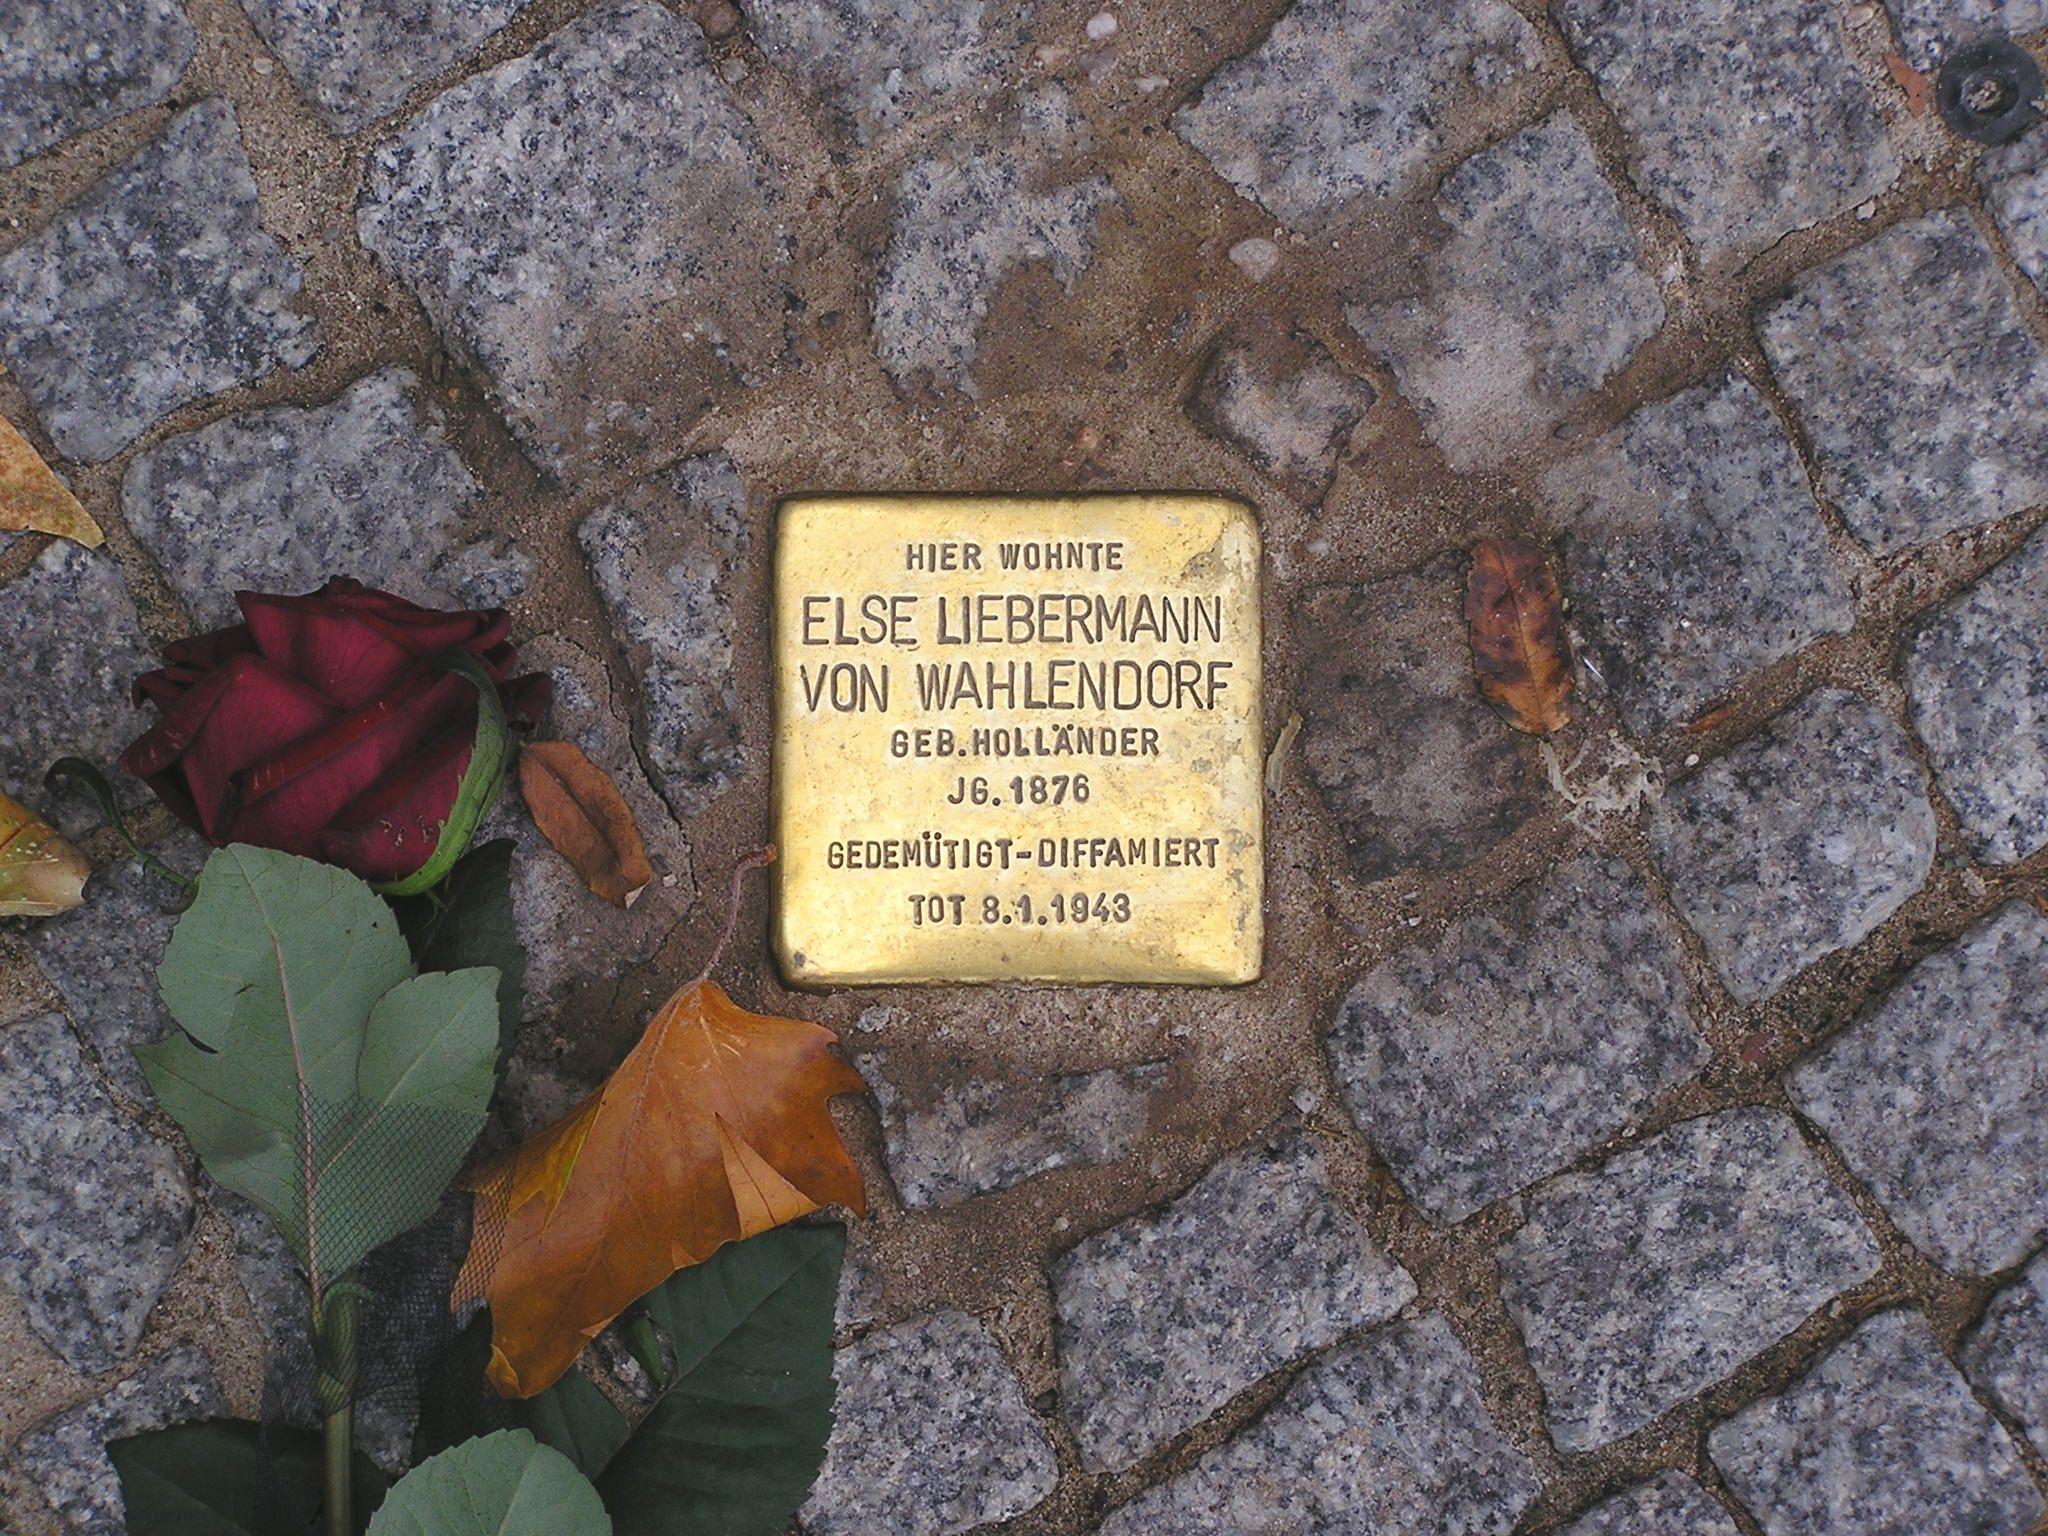 Stolperstein Else Liebermann von Wahlendorf Berlin Budapester Strasse